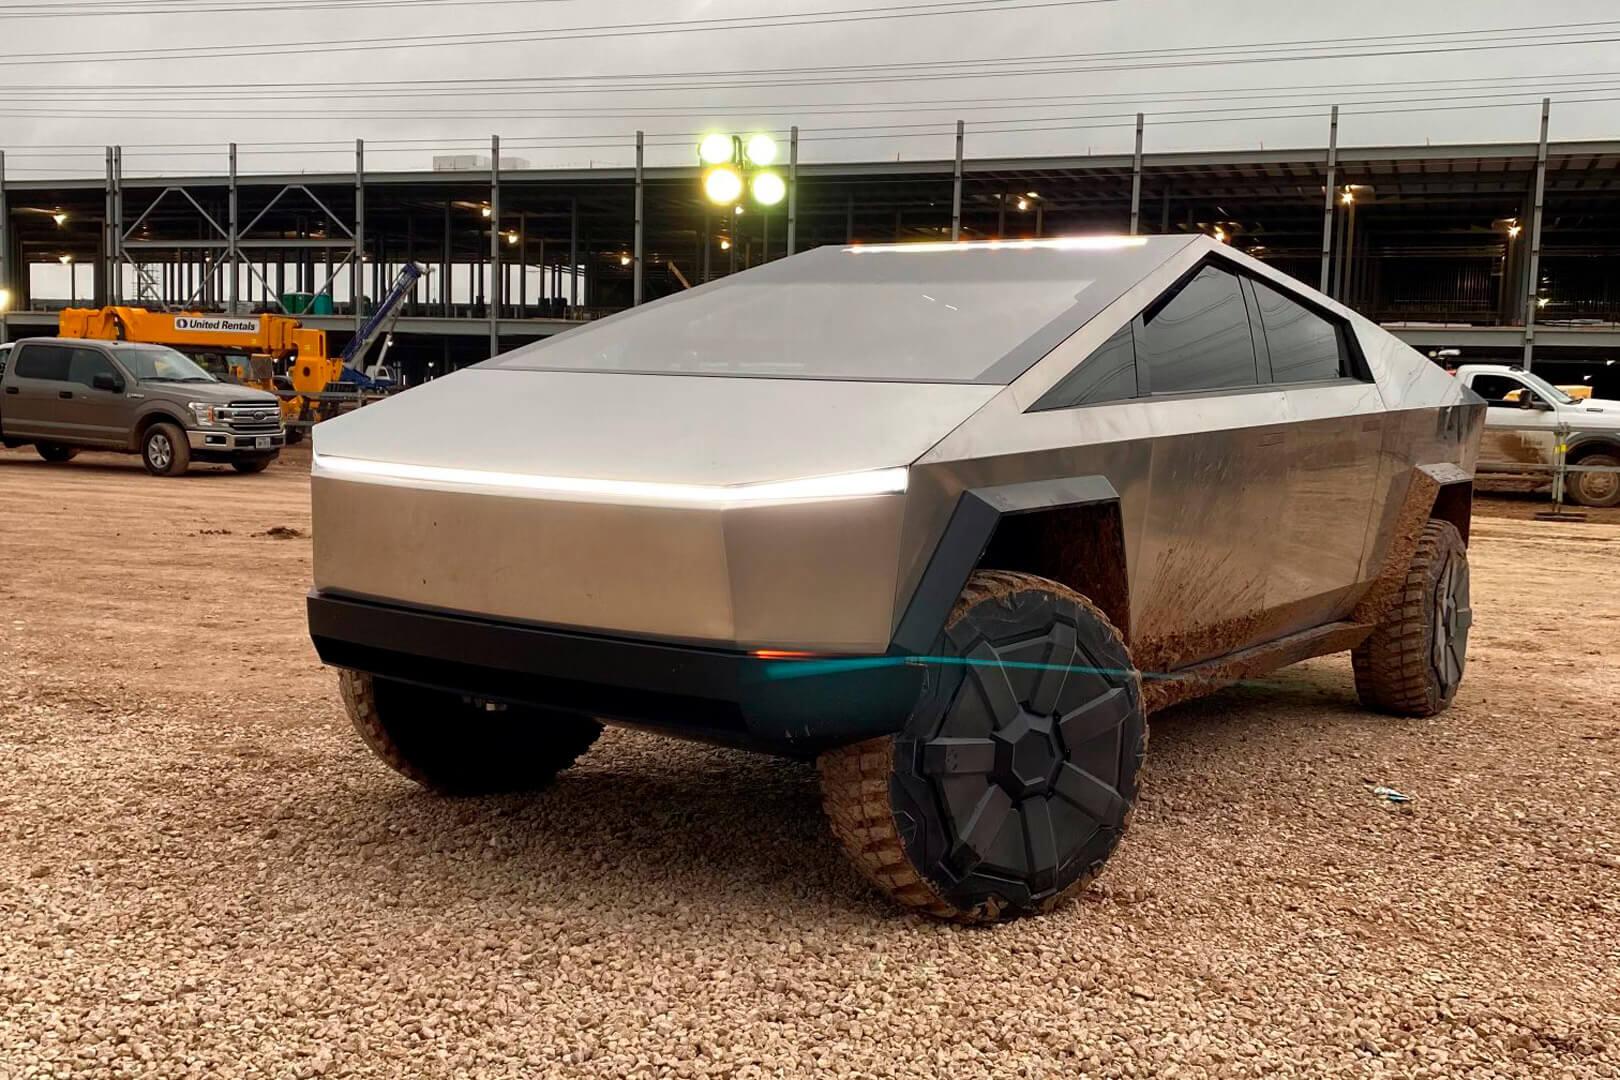 Прототип киберпикапа Tesla приехал в Остин